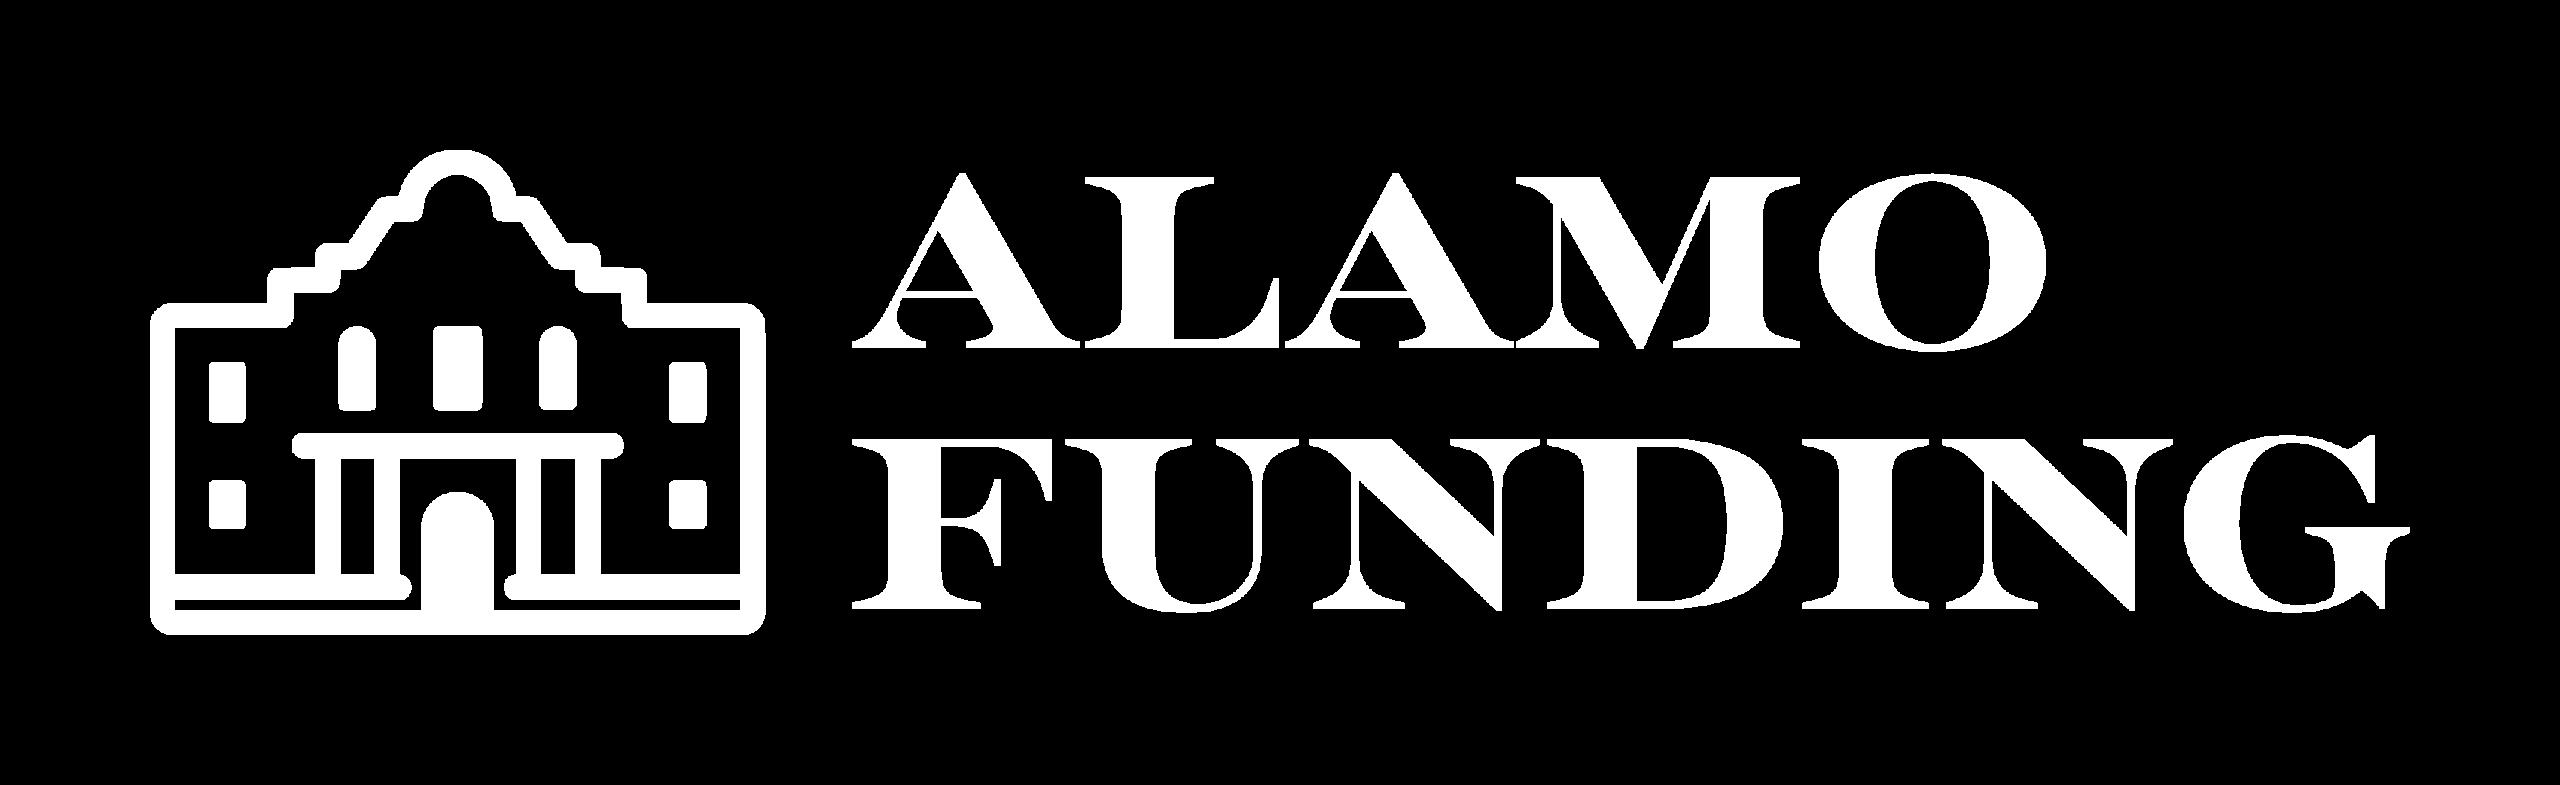 Alamo Funding